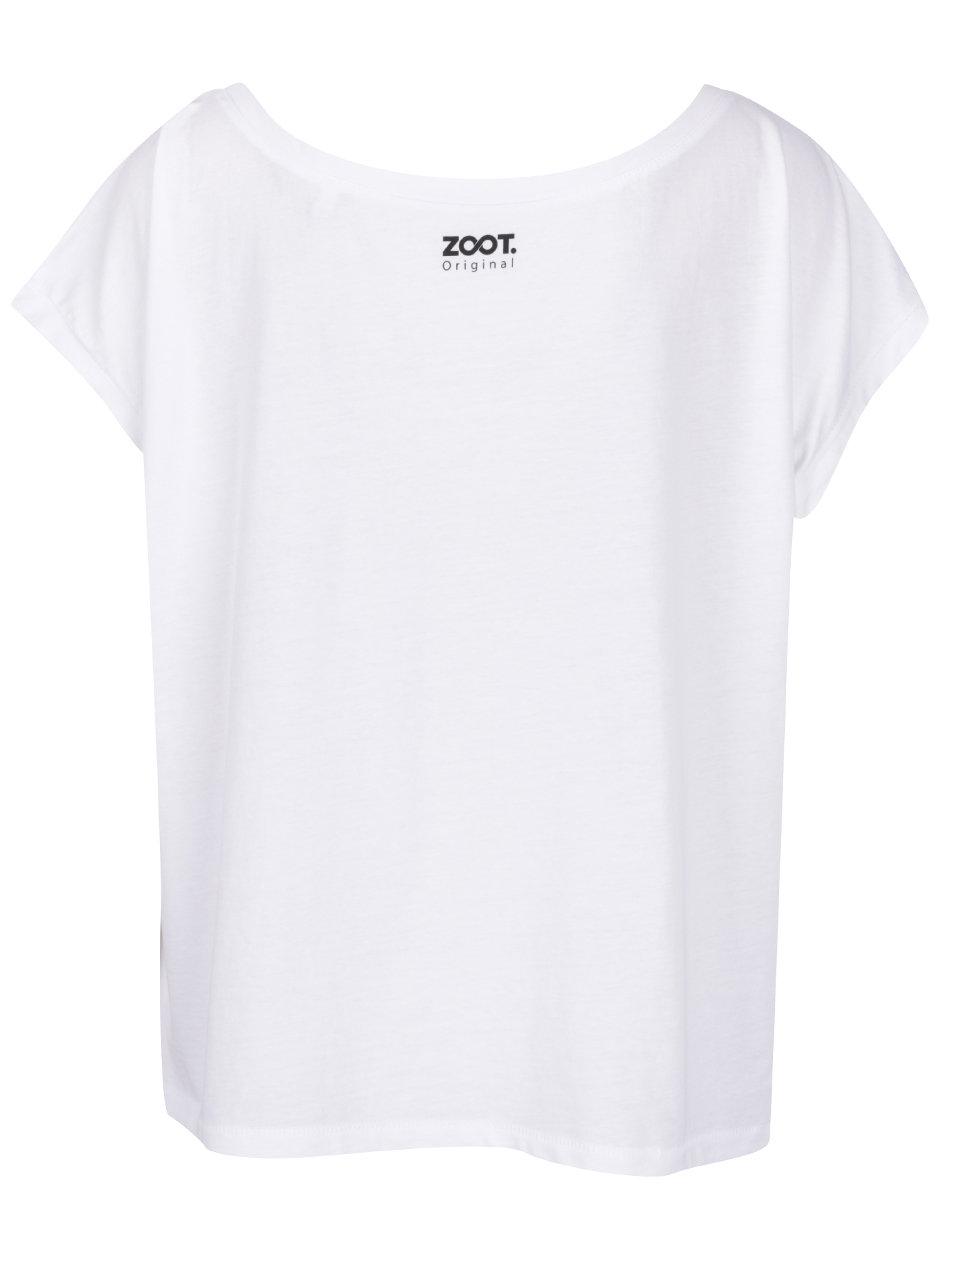 a04476579 Bílé dámské oversize tričko ZOOT Originál Flamingo | ZOOT.cz